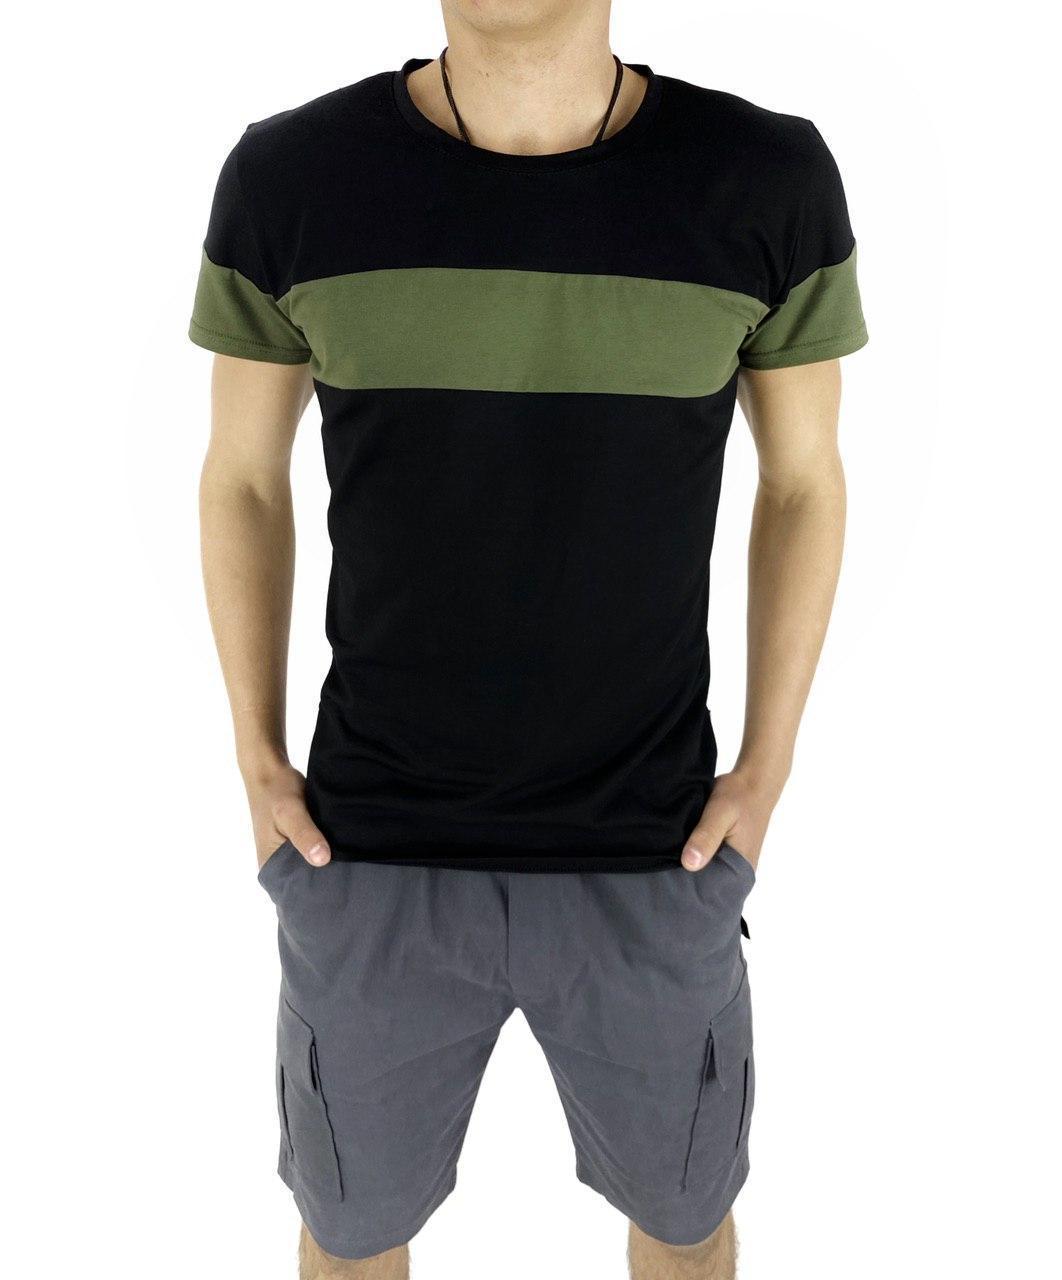 Комплект Футболка Color Stripe чорна - хакі і Шорти Miami сірі SKL59-259625